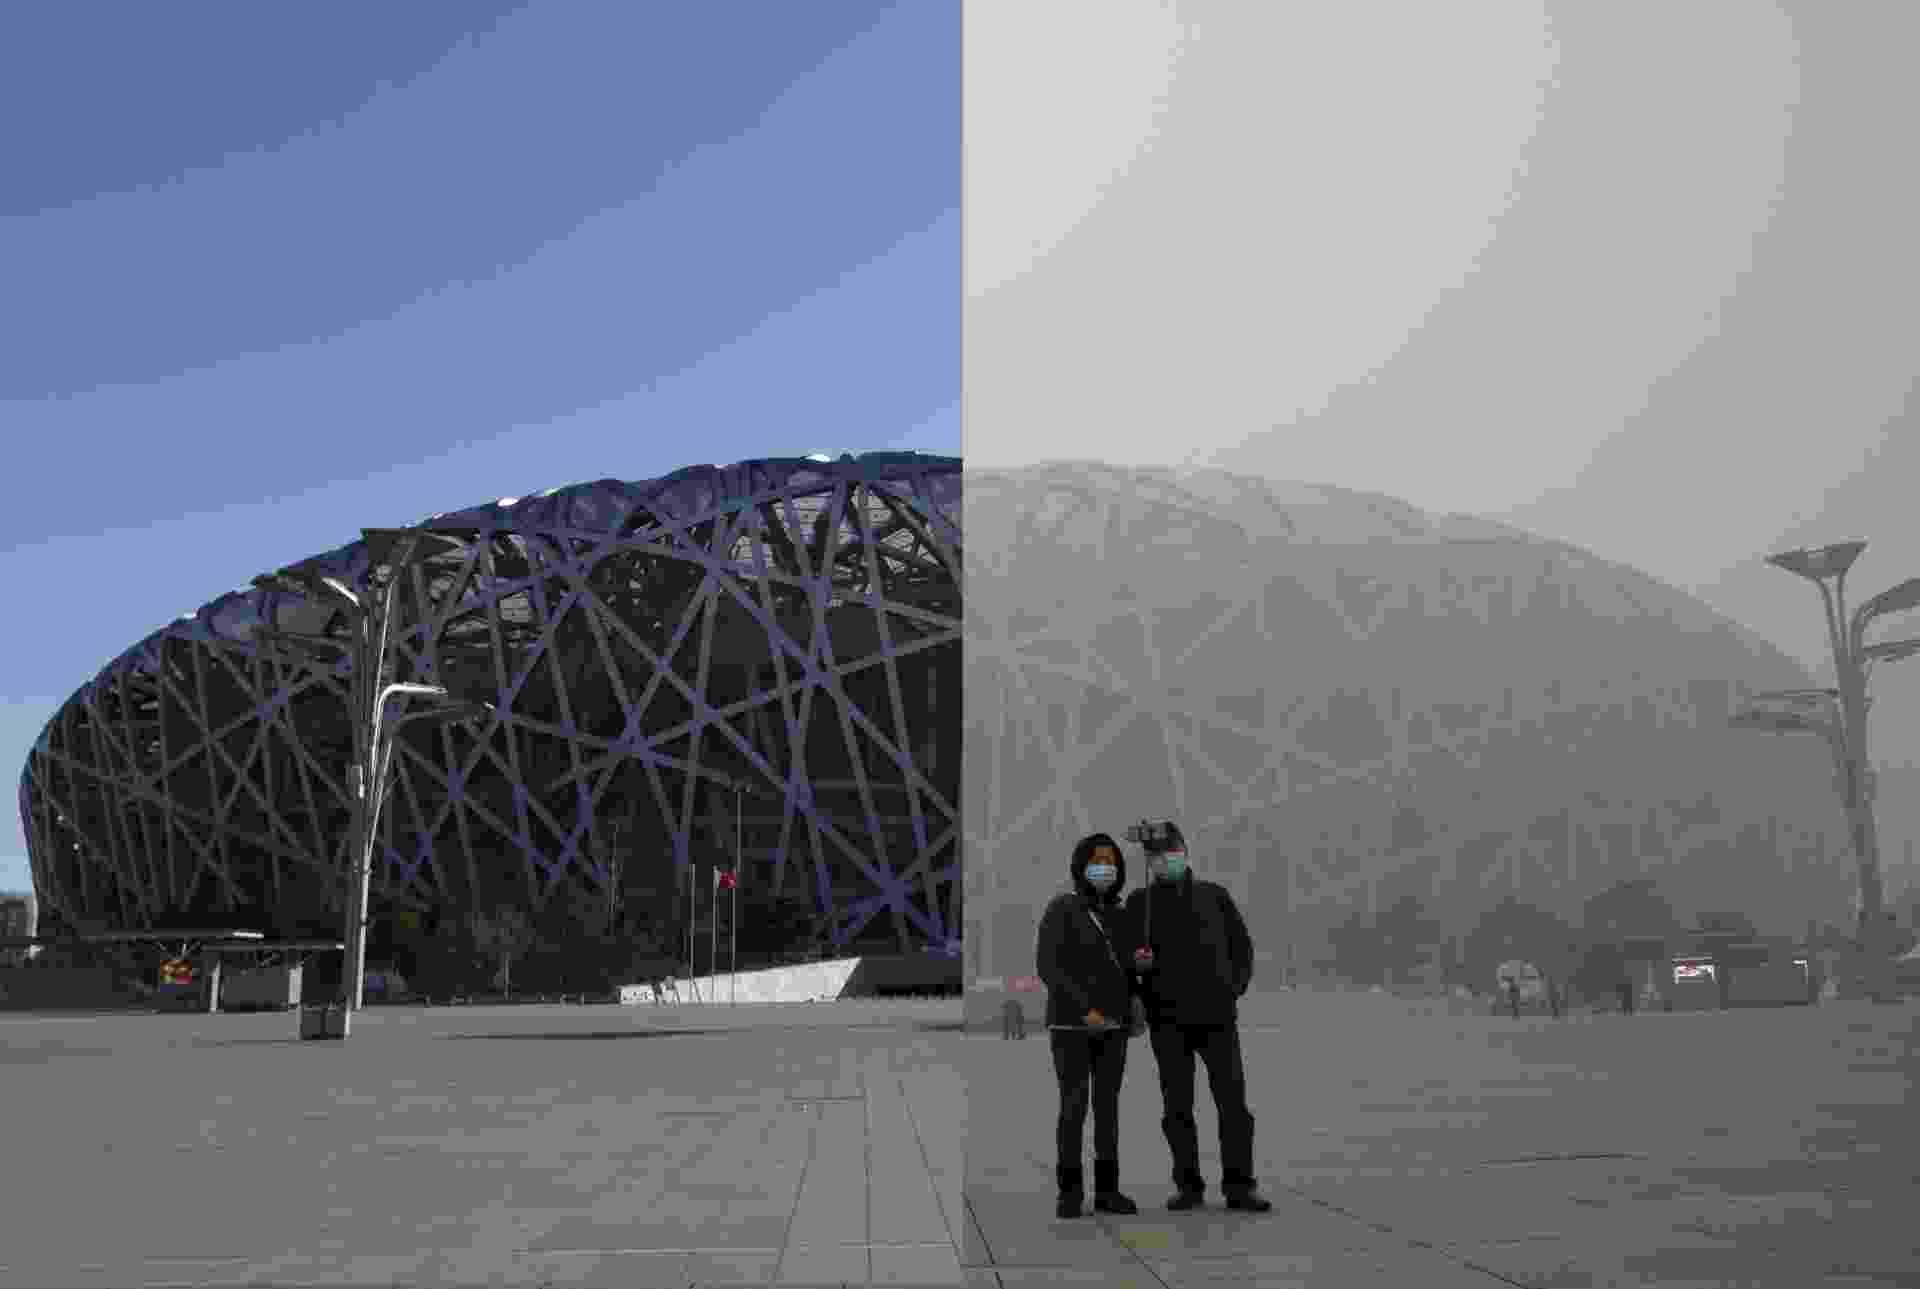 Fotos do Ninho do Pássaro, estádio nacional chinês, representam bem o que a poluição causa na paisagem de Pequim. Em 2 de dezembro, a arena paira imponente na cidade. Já em 1 de dezembro, com a poluição, ela fica castigada, assim como o ambiente - Kim Kyung-Hoon/Reuters